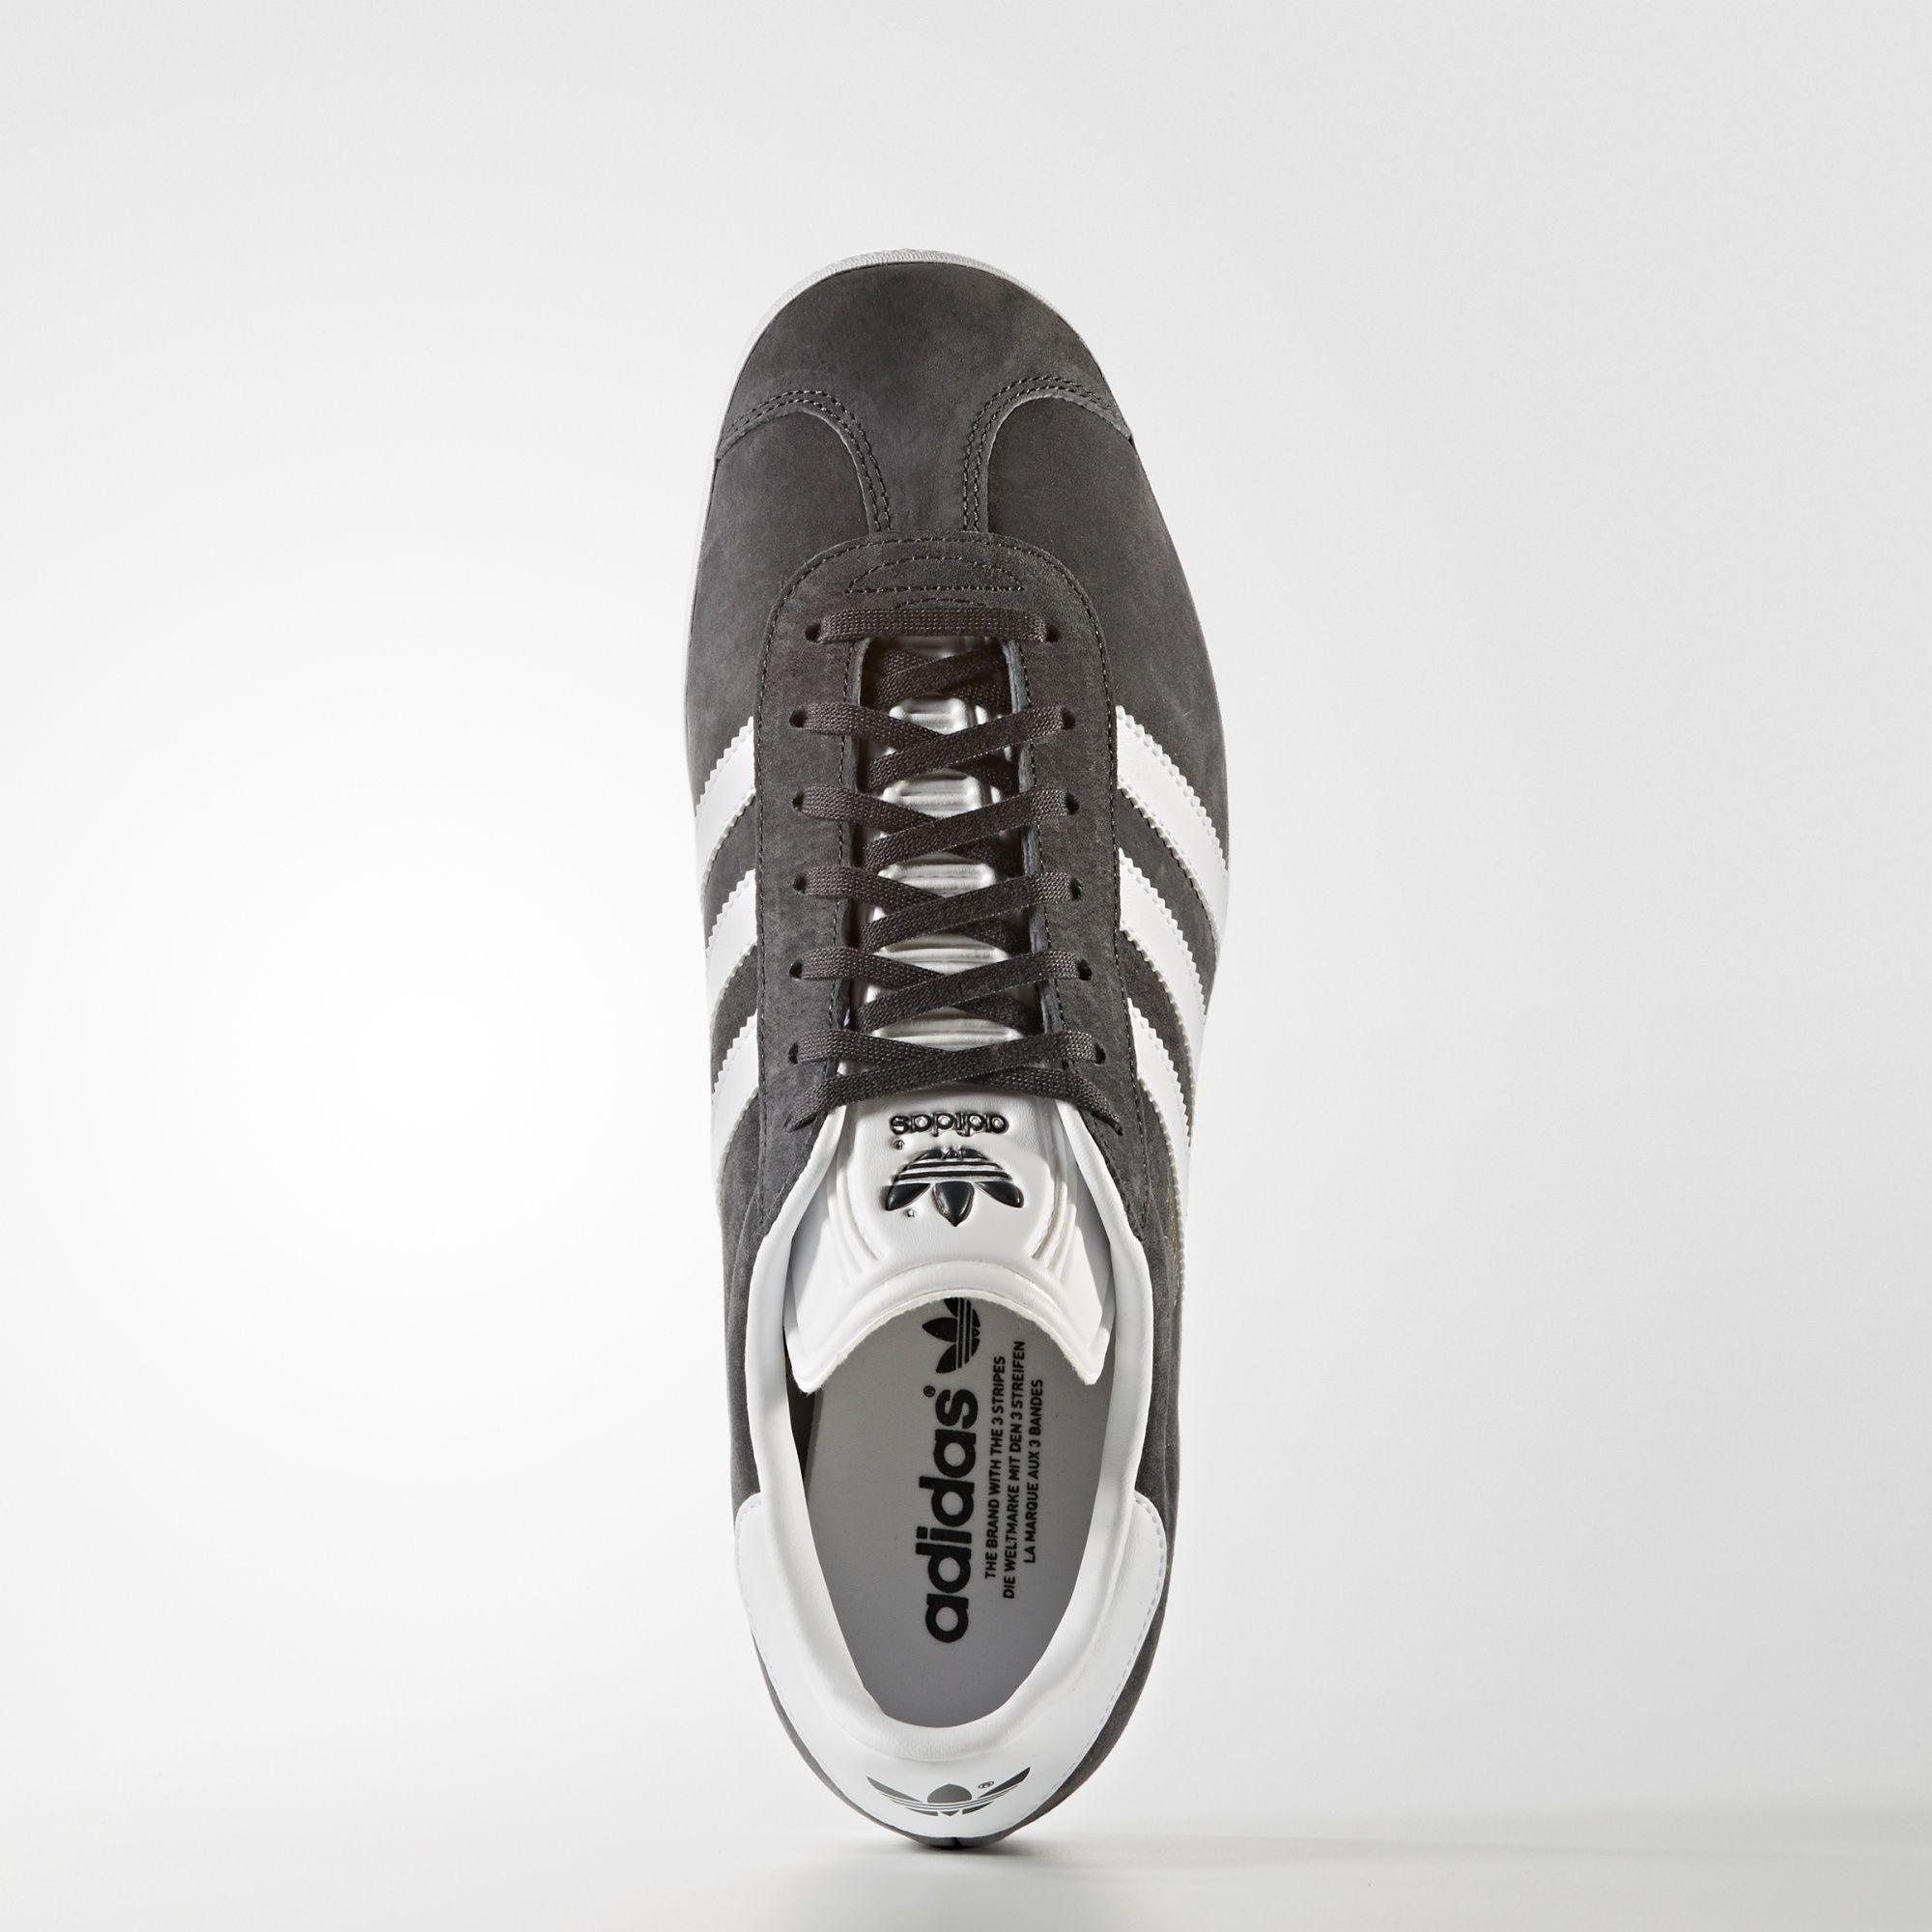 Adidas adidas gazzella scarpe Uomo scarpe adidas Adidas gazzella 7d8ff4